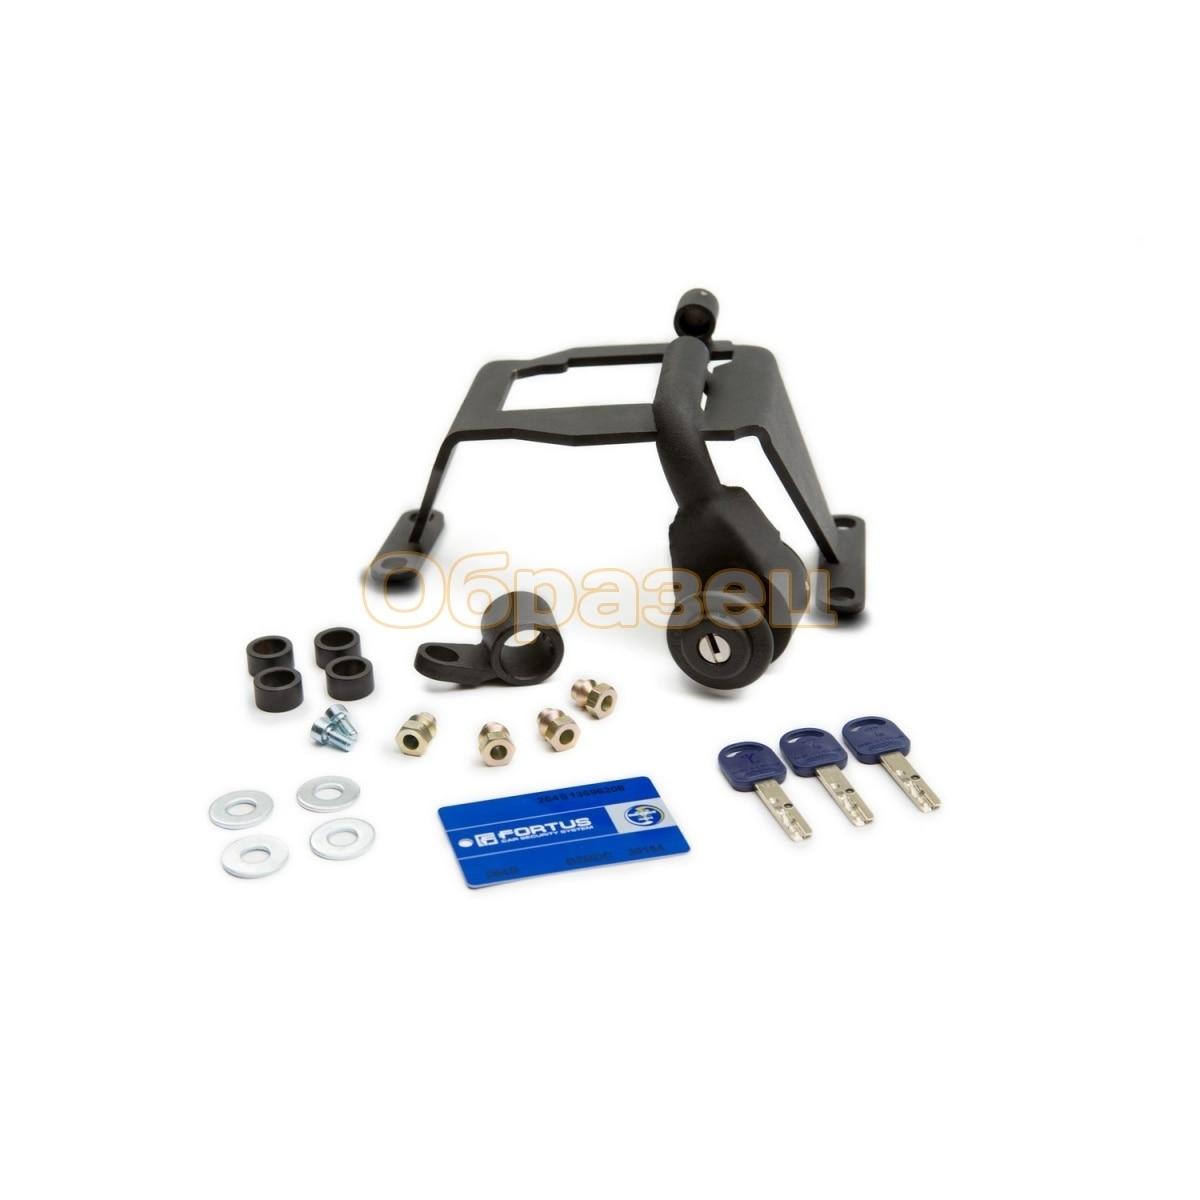 Gearbox lock (MTL) 2407а INT for tiguan2017  at  selector xxx713025 Volkswagen Tiguan) Car Steering Wheel Lock     - title=